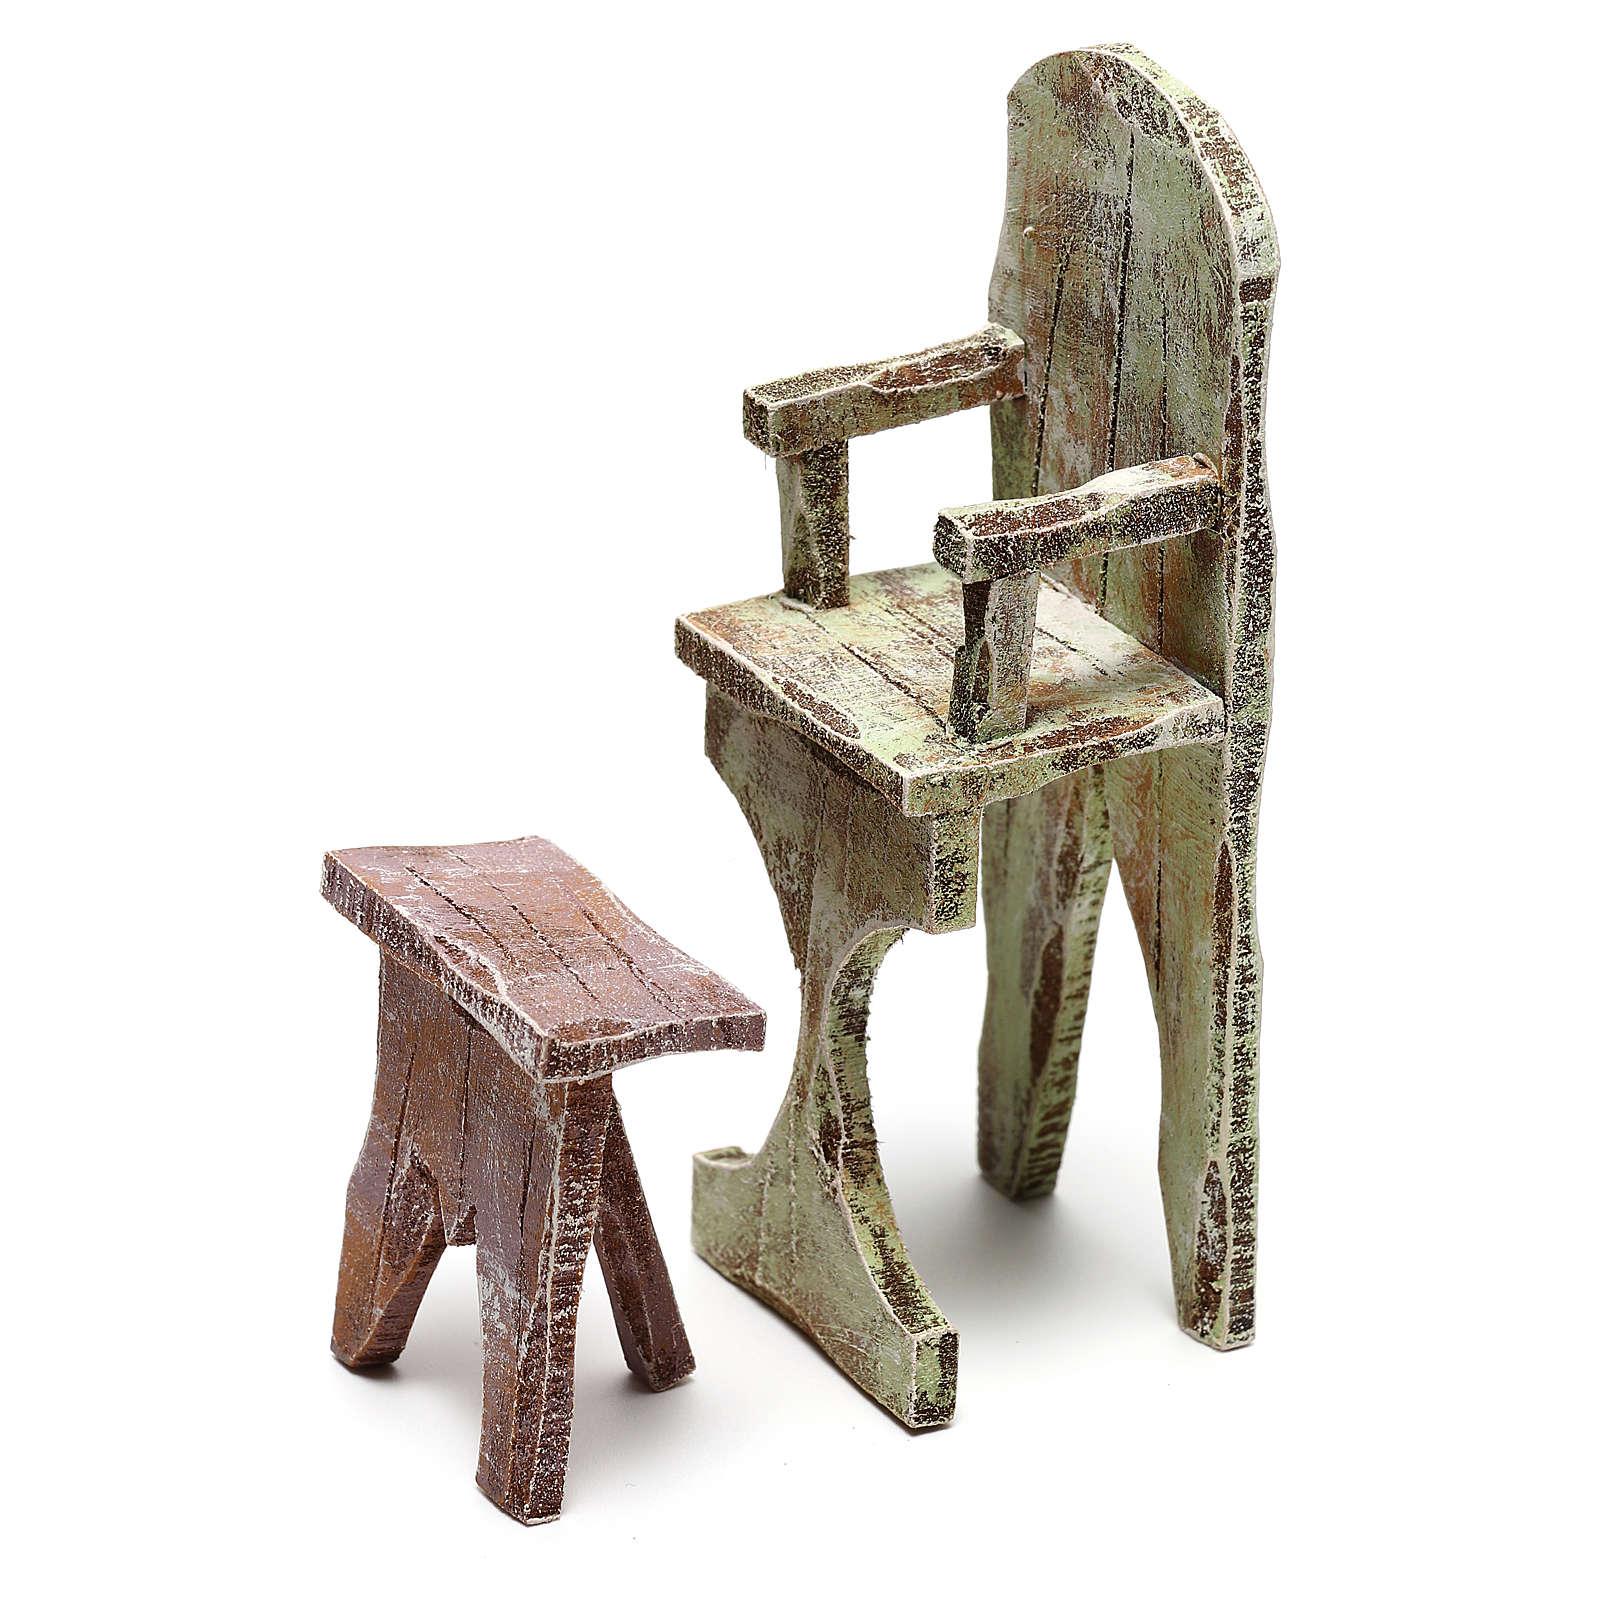 Sedia e poggiapiedi barbiere presepe 12 cm 4